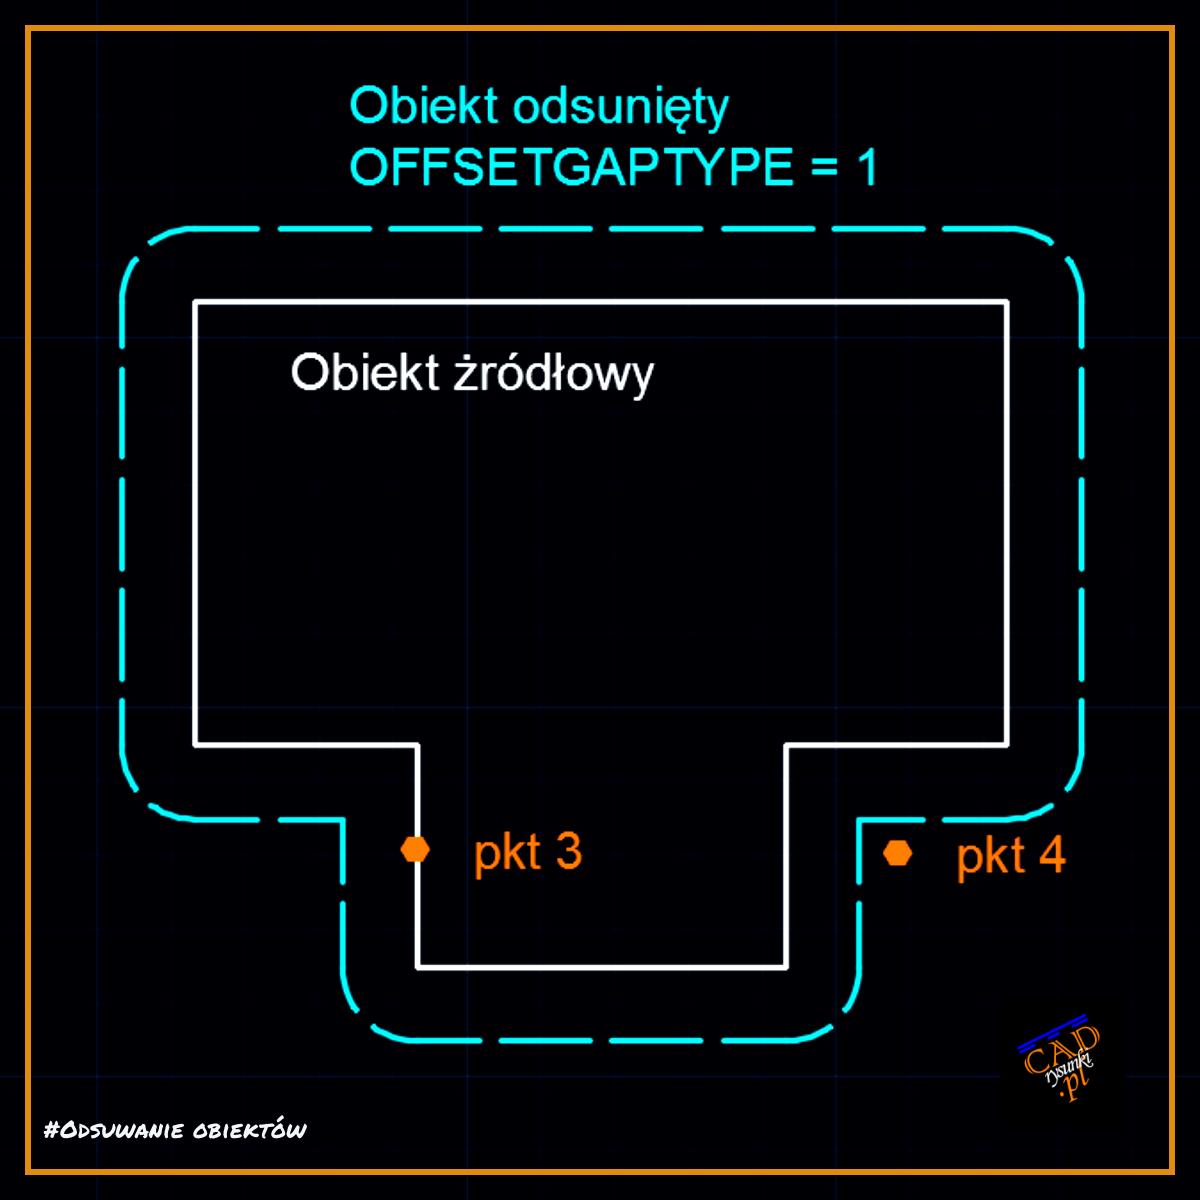 Wykonanie krok po kroku kopiowania obiektów z opcją powiększania. Zastosowaliśmy polecenie odsun funkcja offsetgaptype.